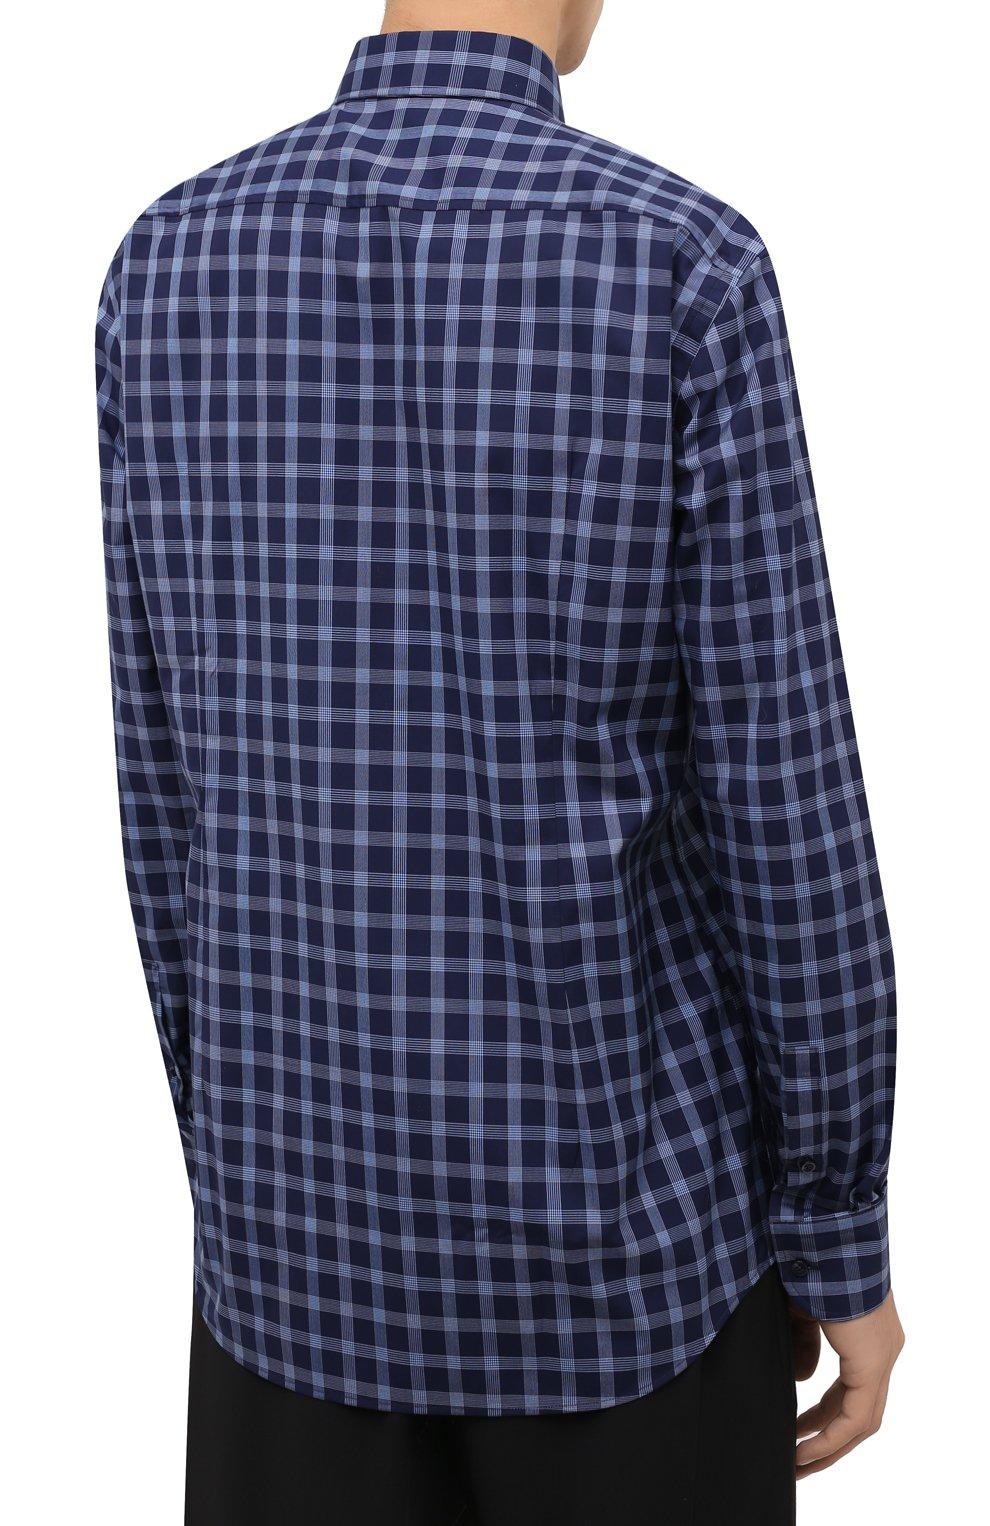 Мужская хлопковая рубашка BOSS синего цвета, арт. 50454035   Фото 4 (Манжеты: На пуговицах; Принт: Клетка; Воротник: Кент; Рукава: Длинные; Случай: Повседневный; Длина (для топов): Стандартные; Рубашки М: Slim Fit; Материал внешний: Хлопок; Стили: Кэжуэл)